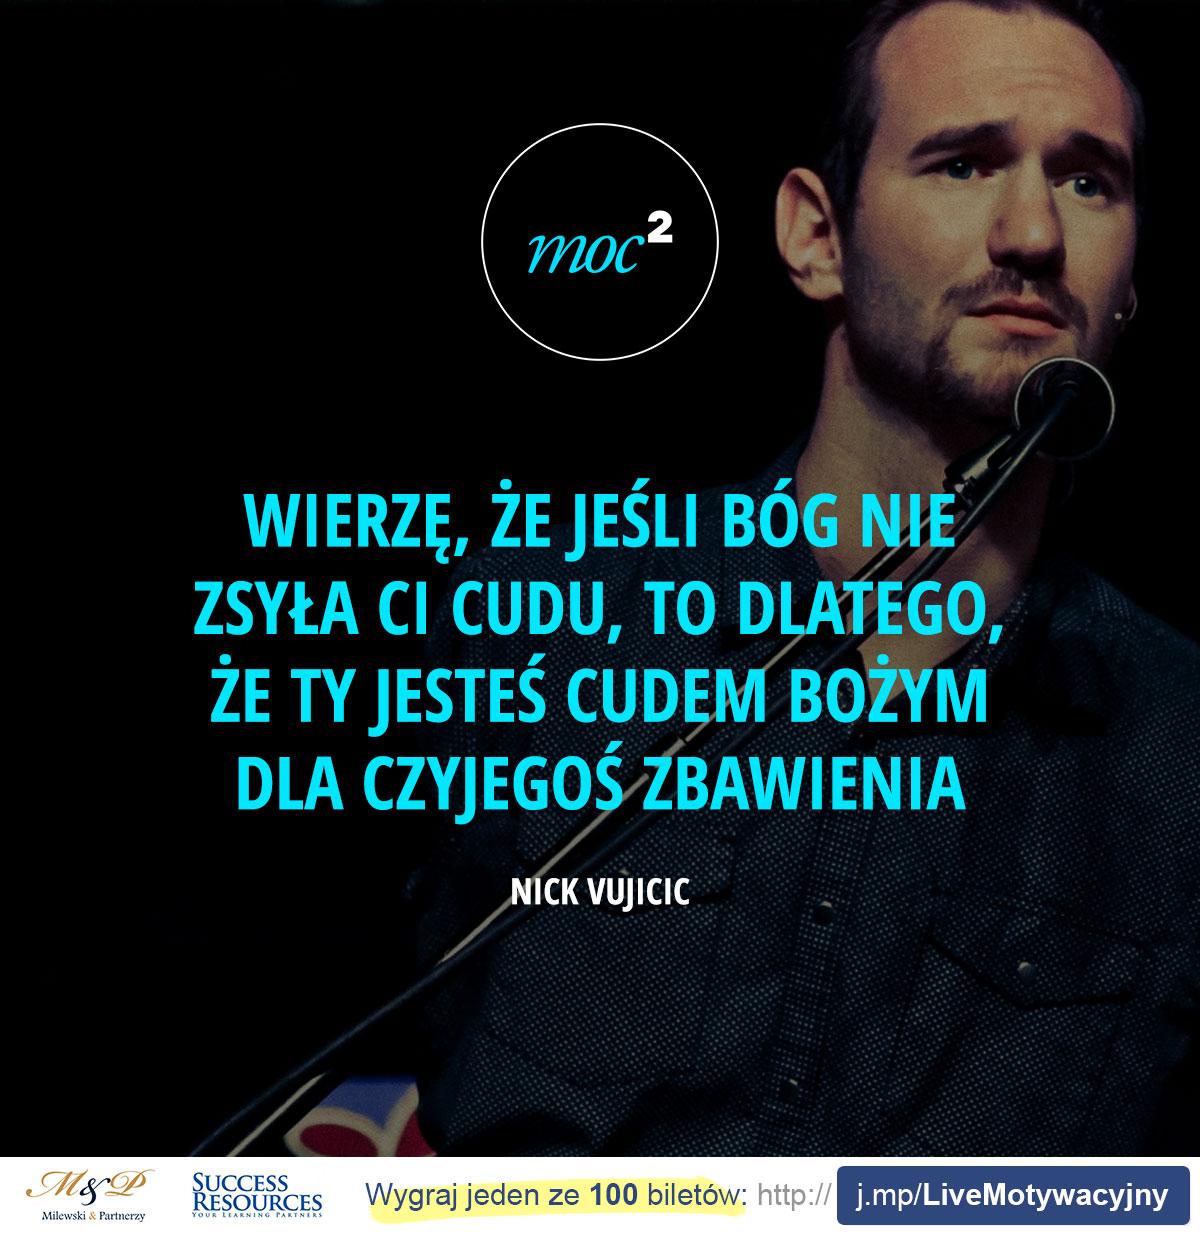 Wierzę, że jeśli Bóg nie zsyła Ci cudu, to dlatego, że Ty jesteś cudem Bożym dla czyjegoś zbawienia. - Nick Vujicic